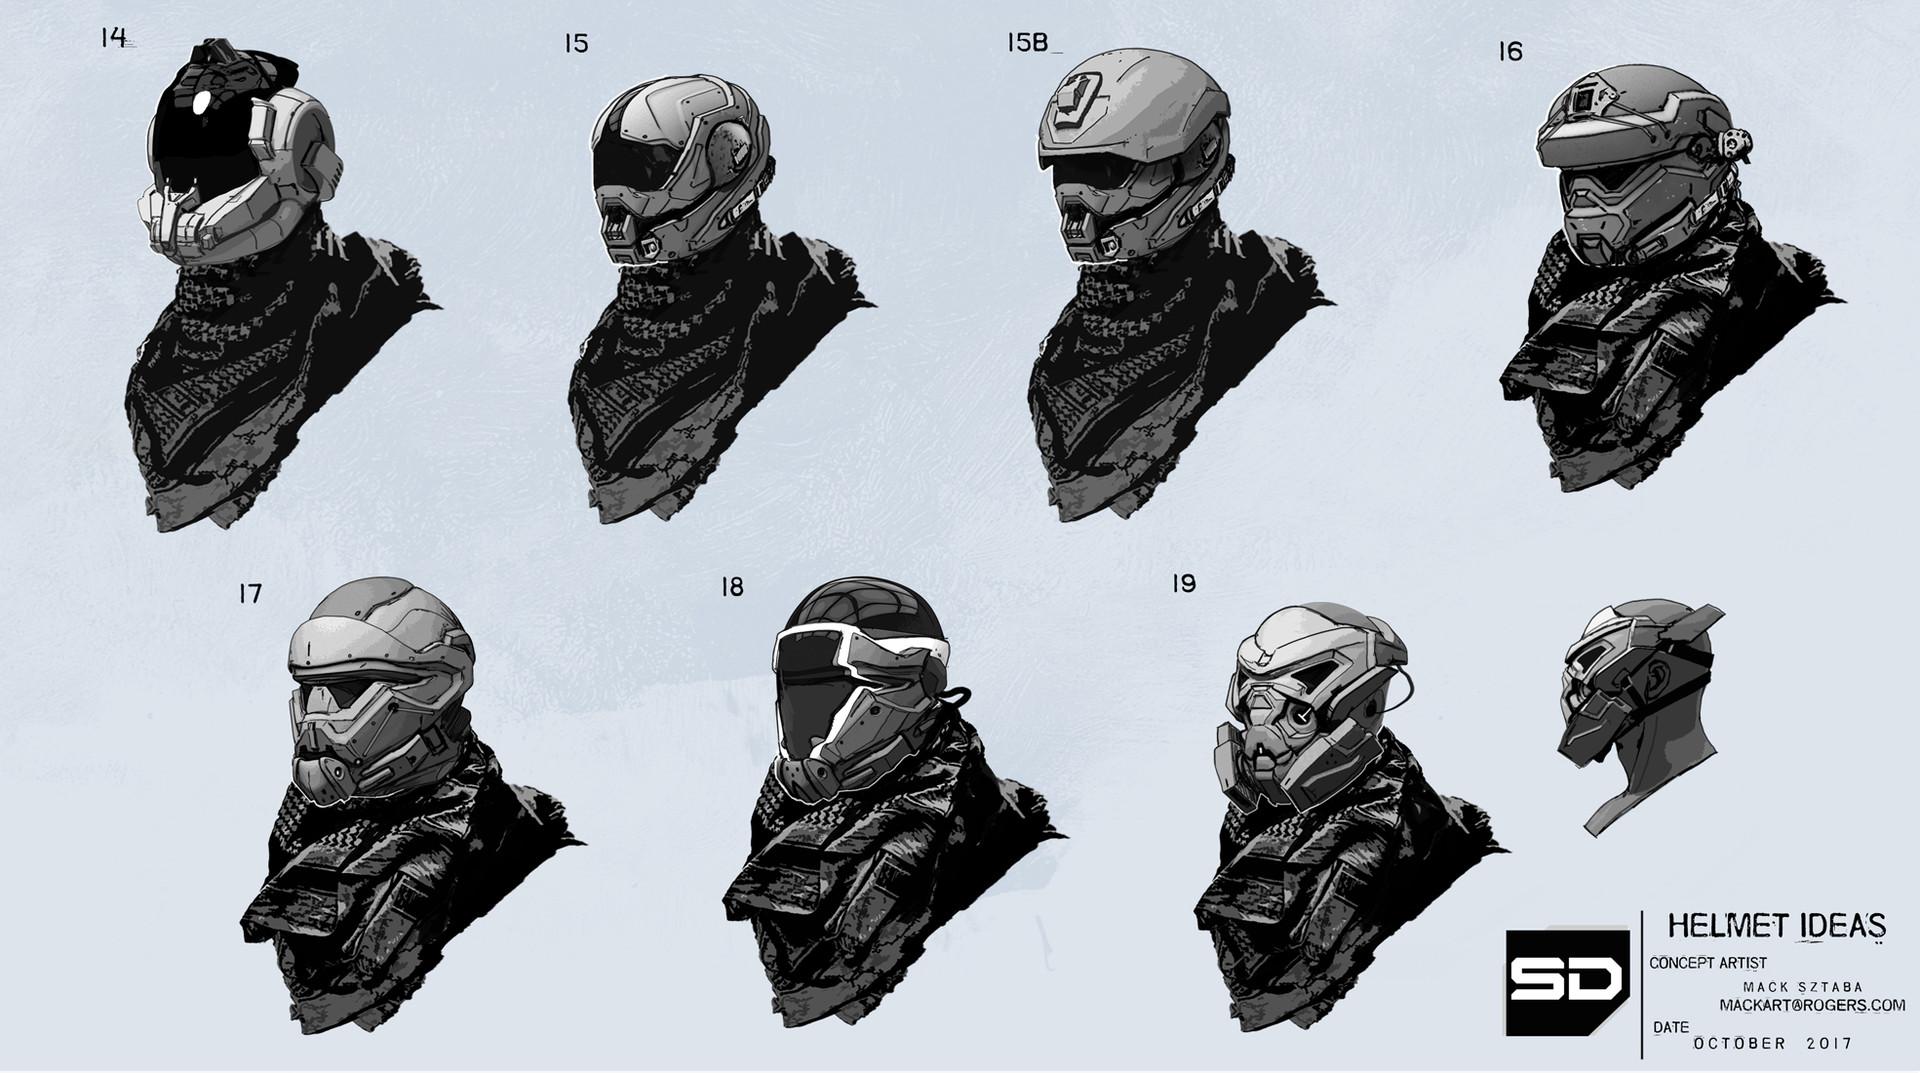 Mack sztaba helmet ideas 3